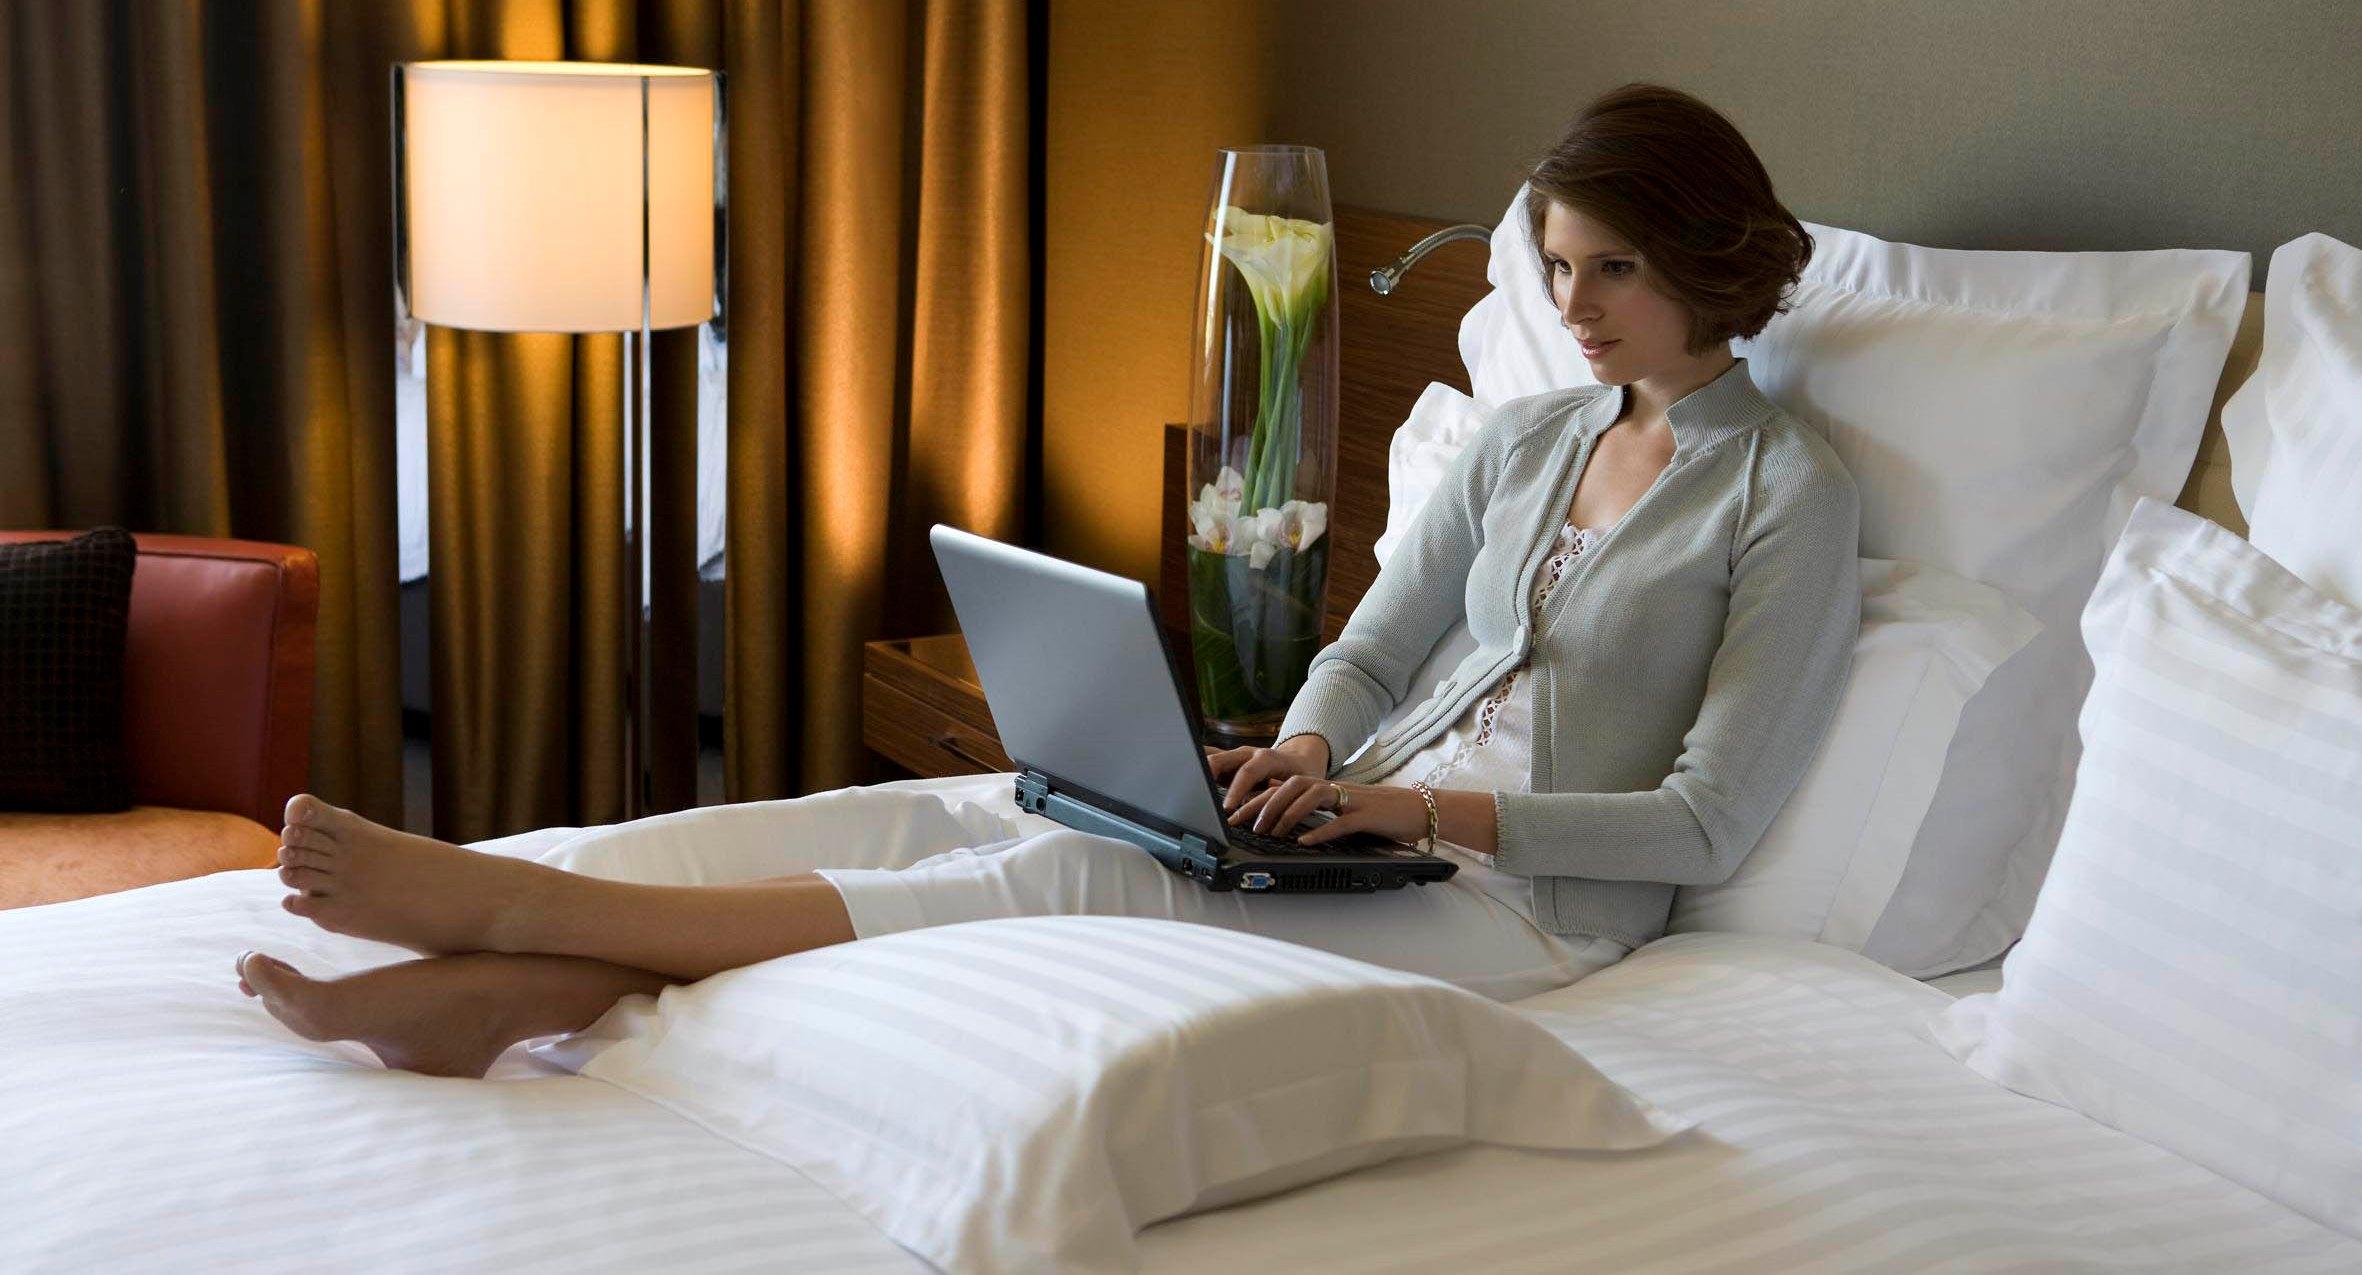 Cuidado con el WiFi de los hoteles, piratas al acecho